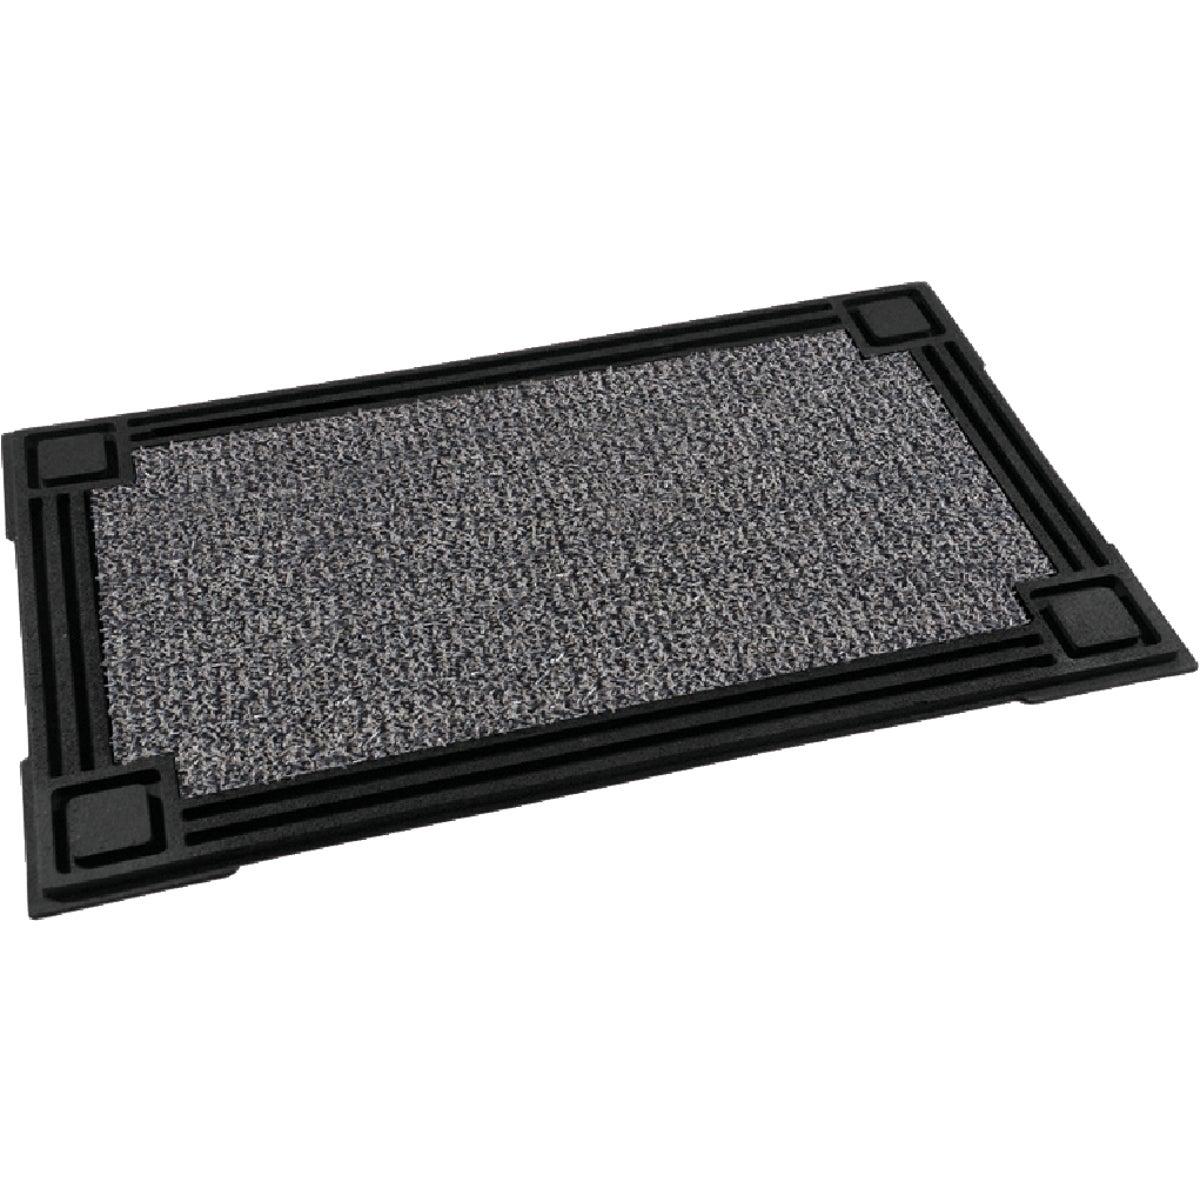 18X30 CIND CAP DOOR MAT